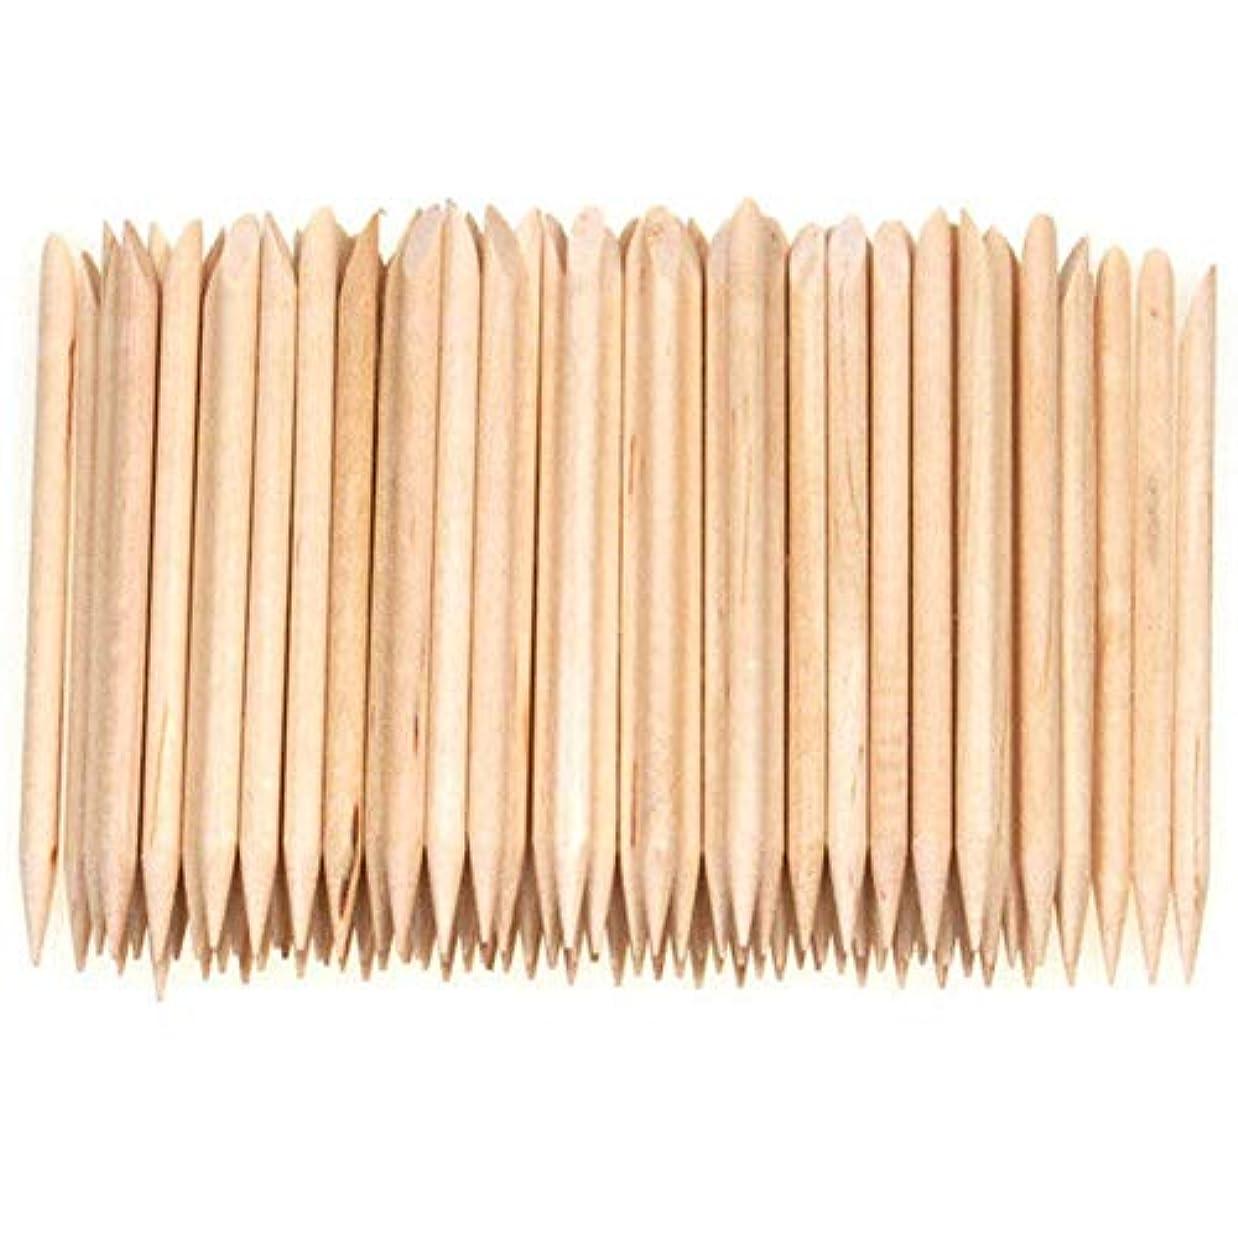 バリー継承こんにちはGaoominy 100個ネイルアートデザイン木製の棒キューティクルプッシャーリムーバーマニキュアケア